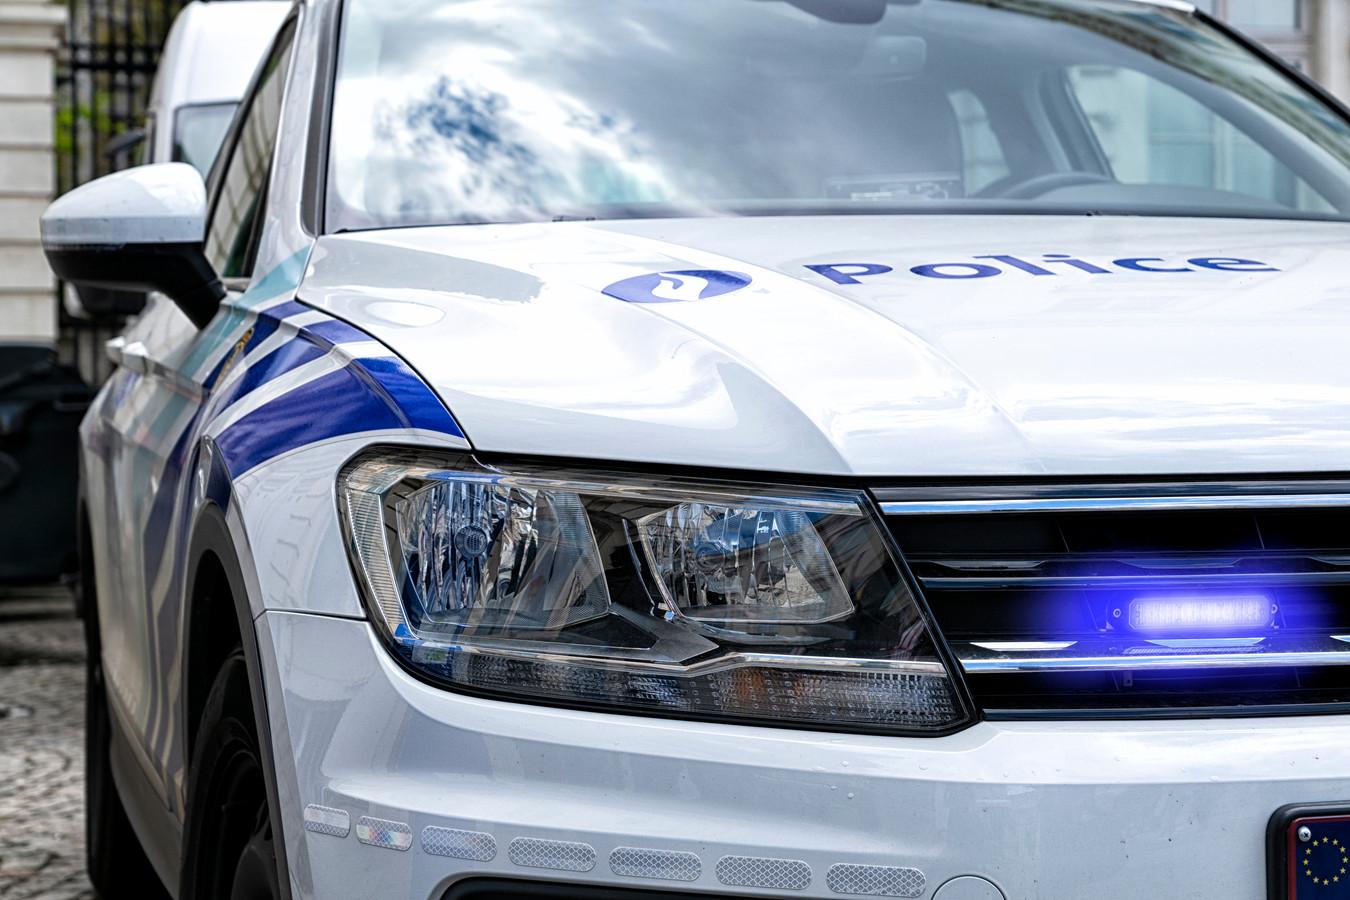 Politie België.